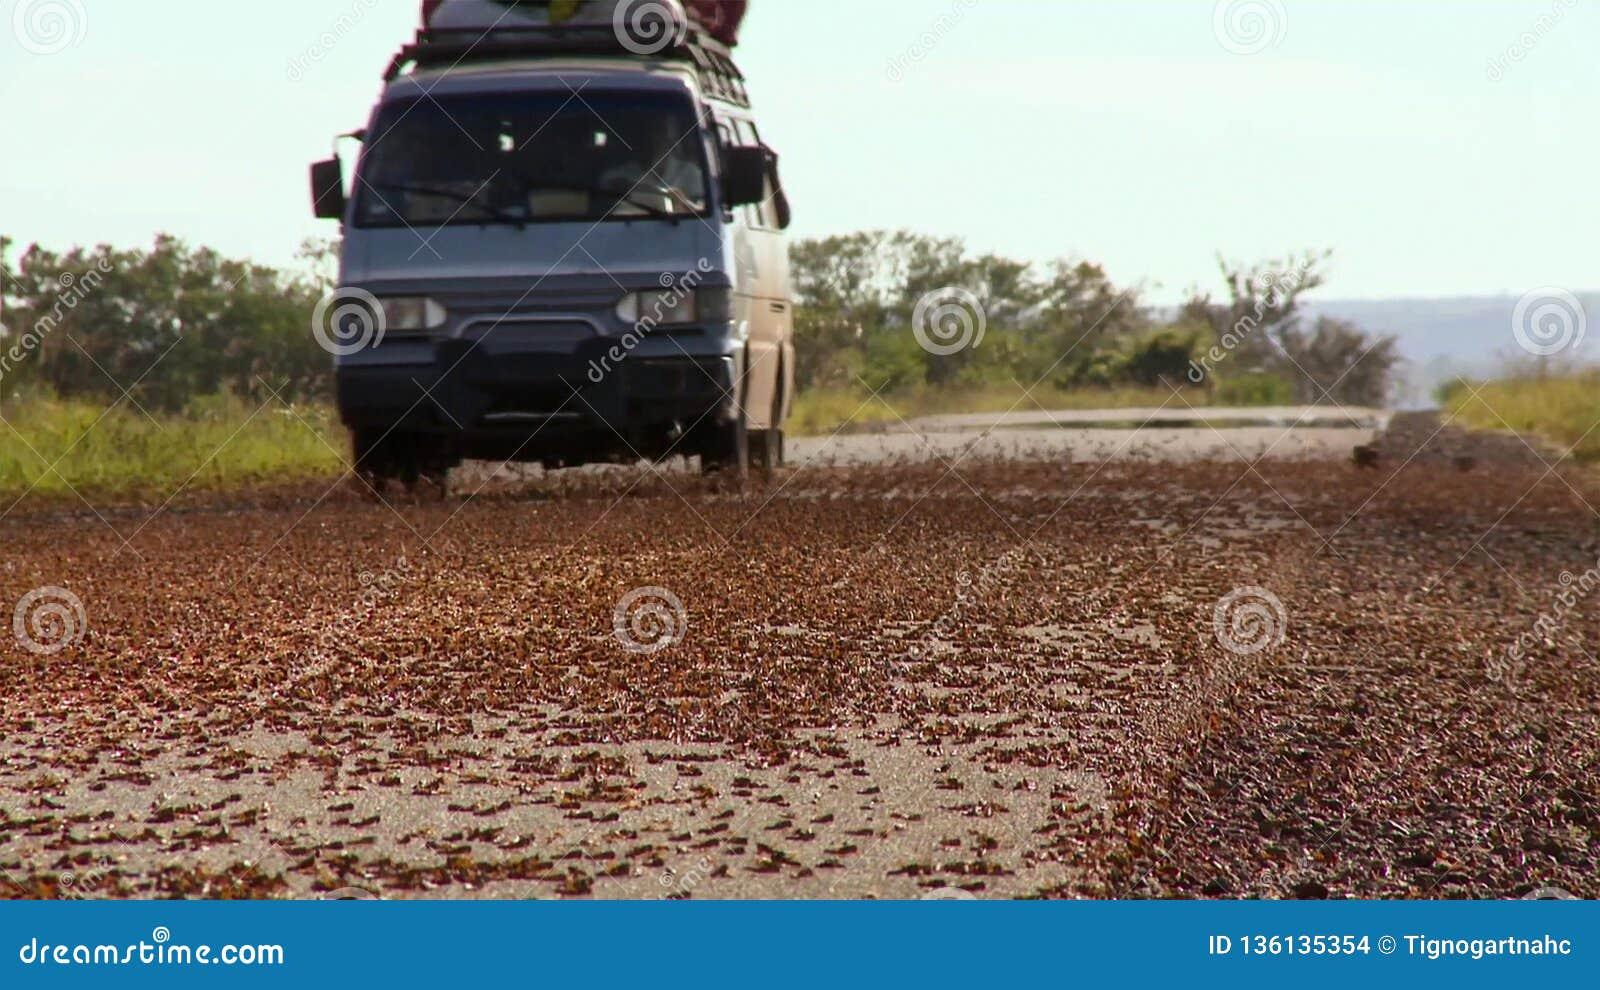 Η εισβολή των ακρίδων στη Μαδαγασκάρη Τα εκατομμύρια grasshoppers κατά τη διάρκεια της μετανάστευσης συντρίφθηκαν στο δρόμο